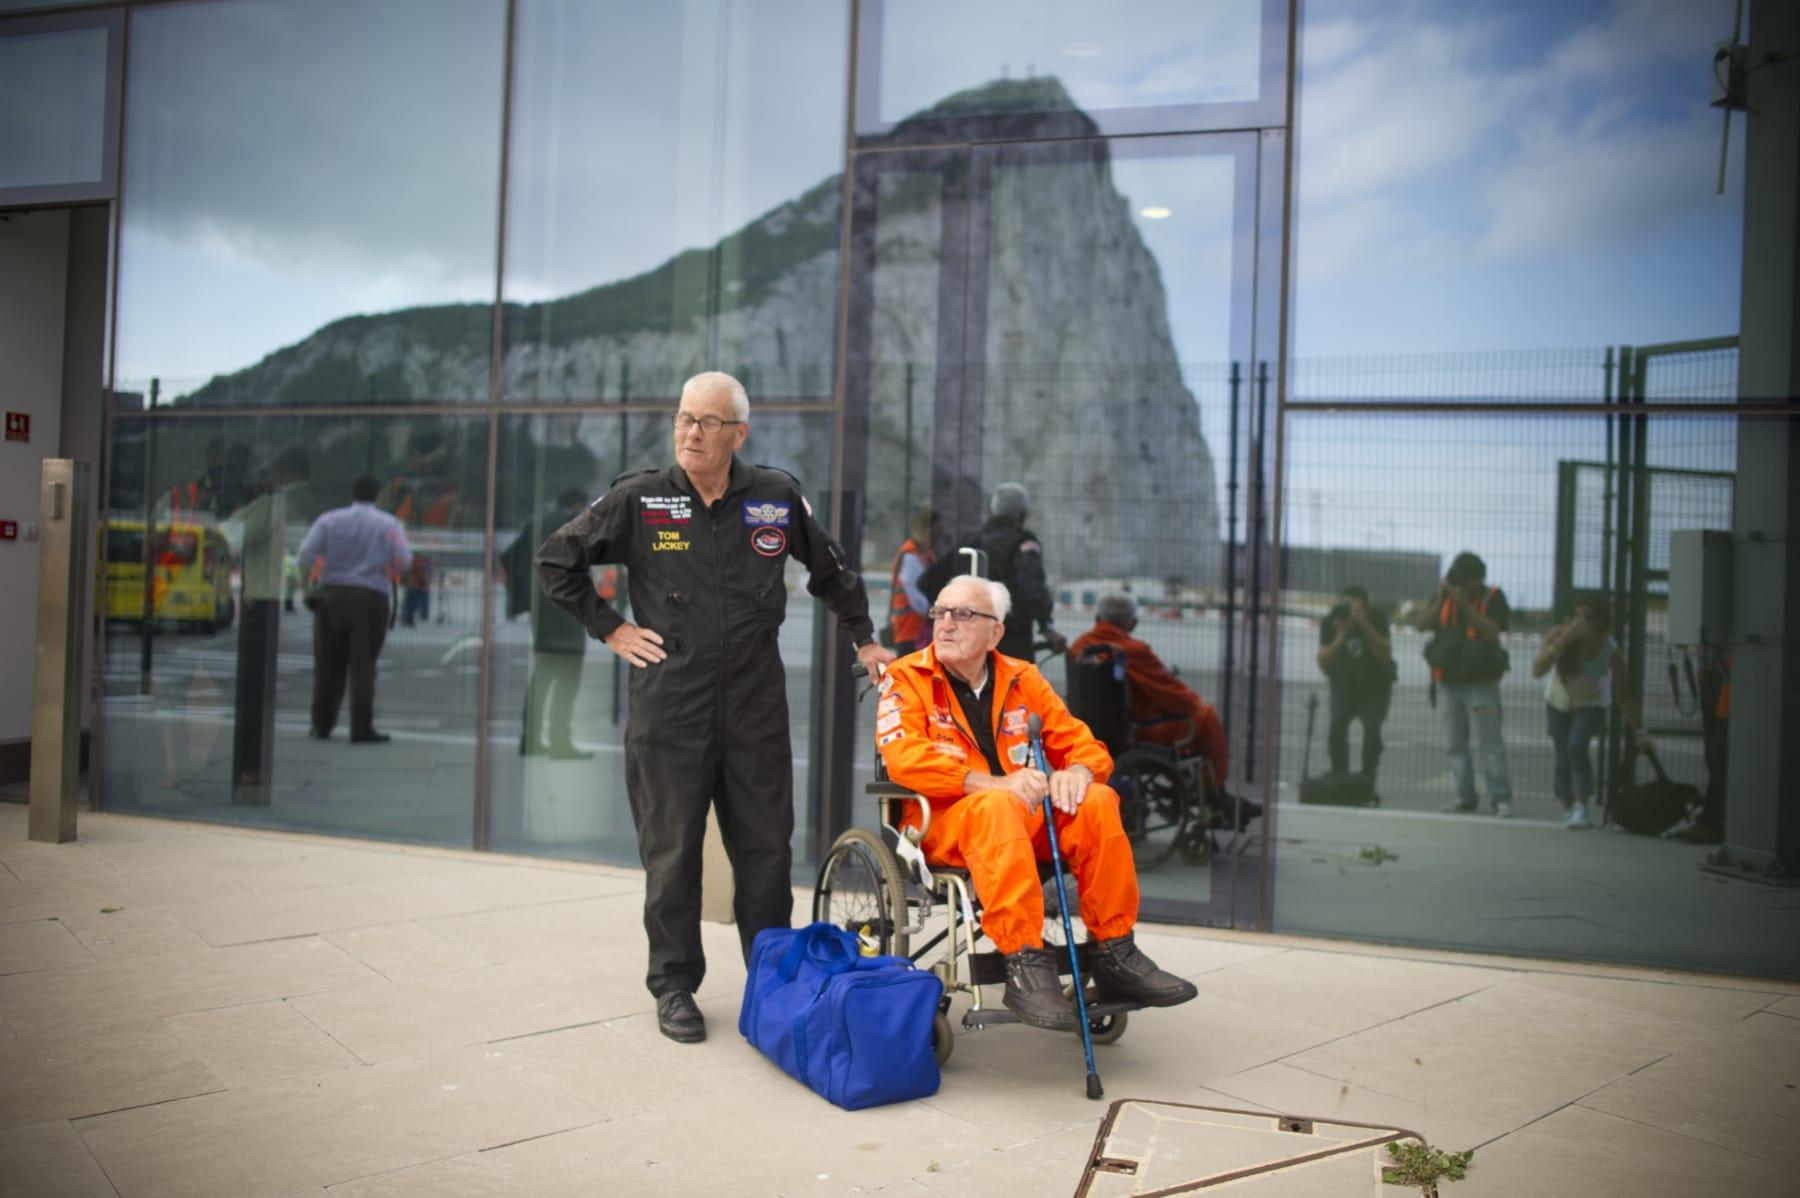 tom-lackey-acrobata-aereo-de-94-anos-en-gibraltar-10102014-03_15513094471_o